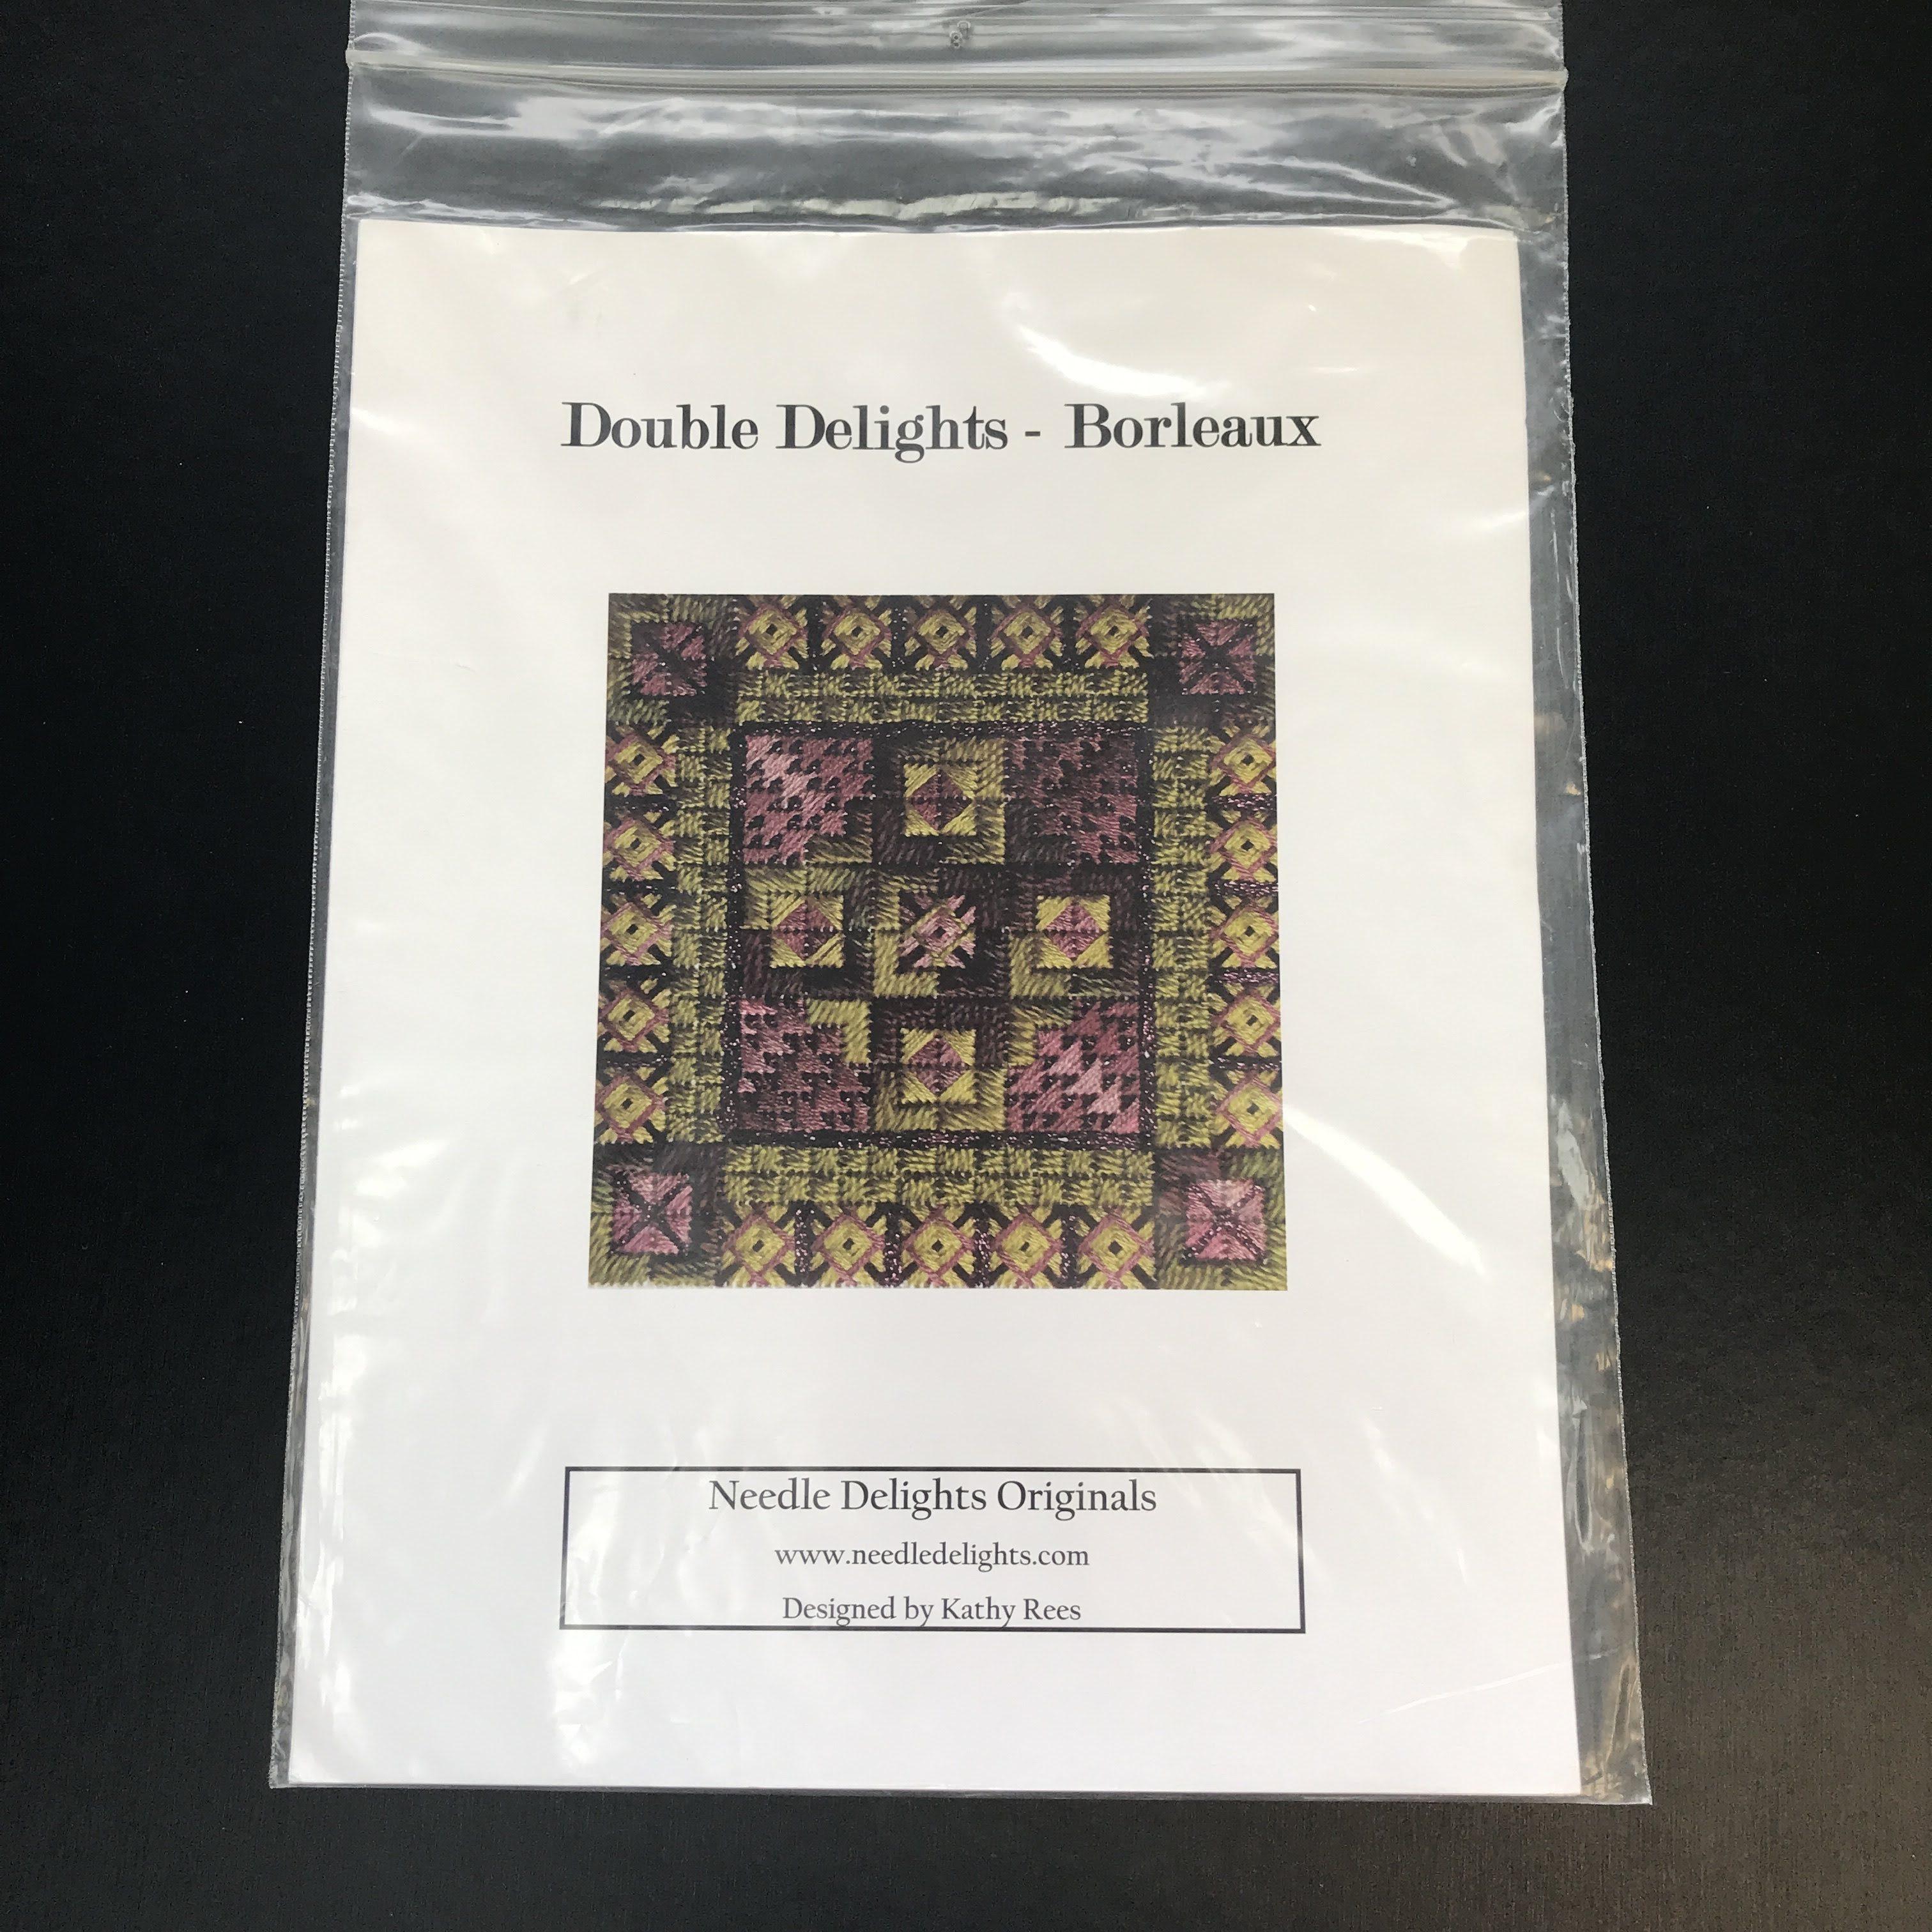 Nashville Needleworks - Double Delights Borleaux